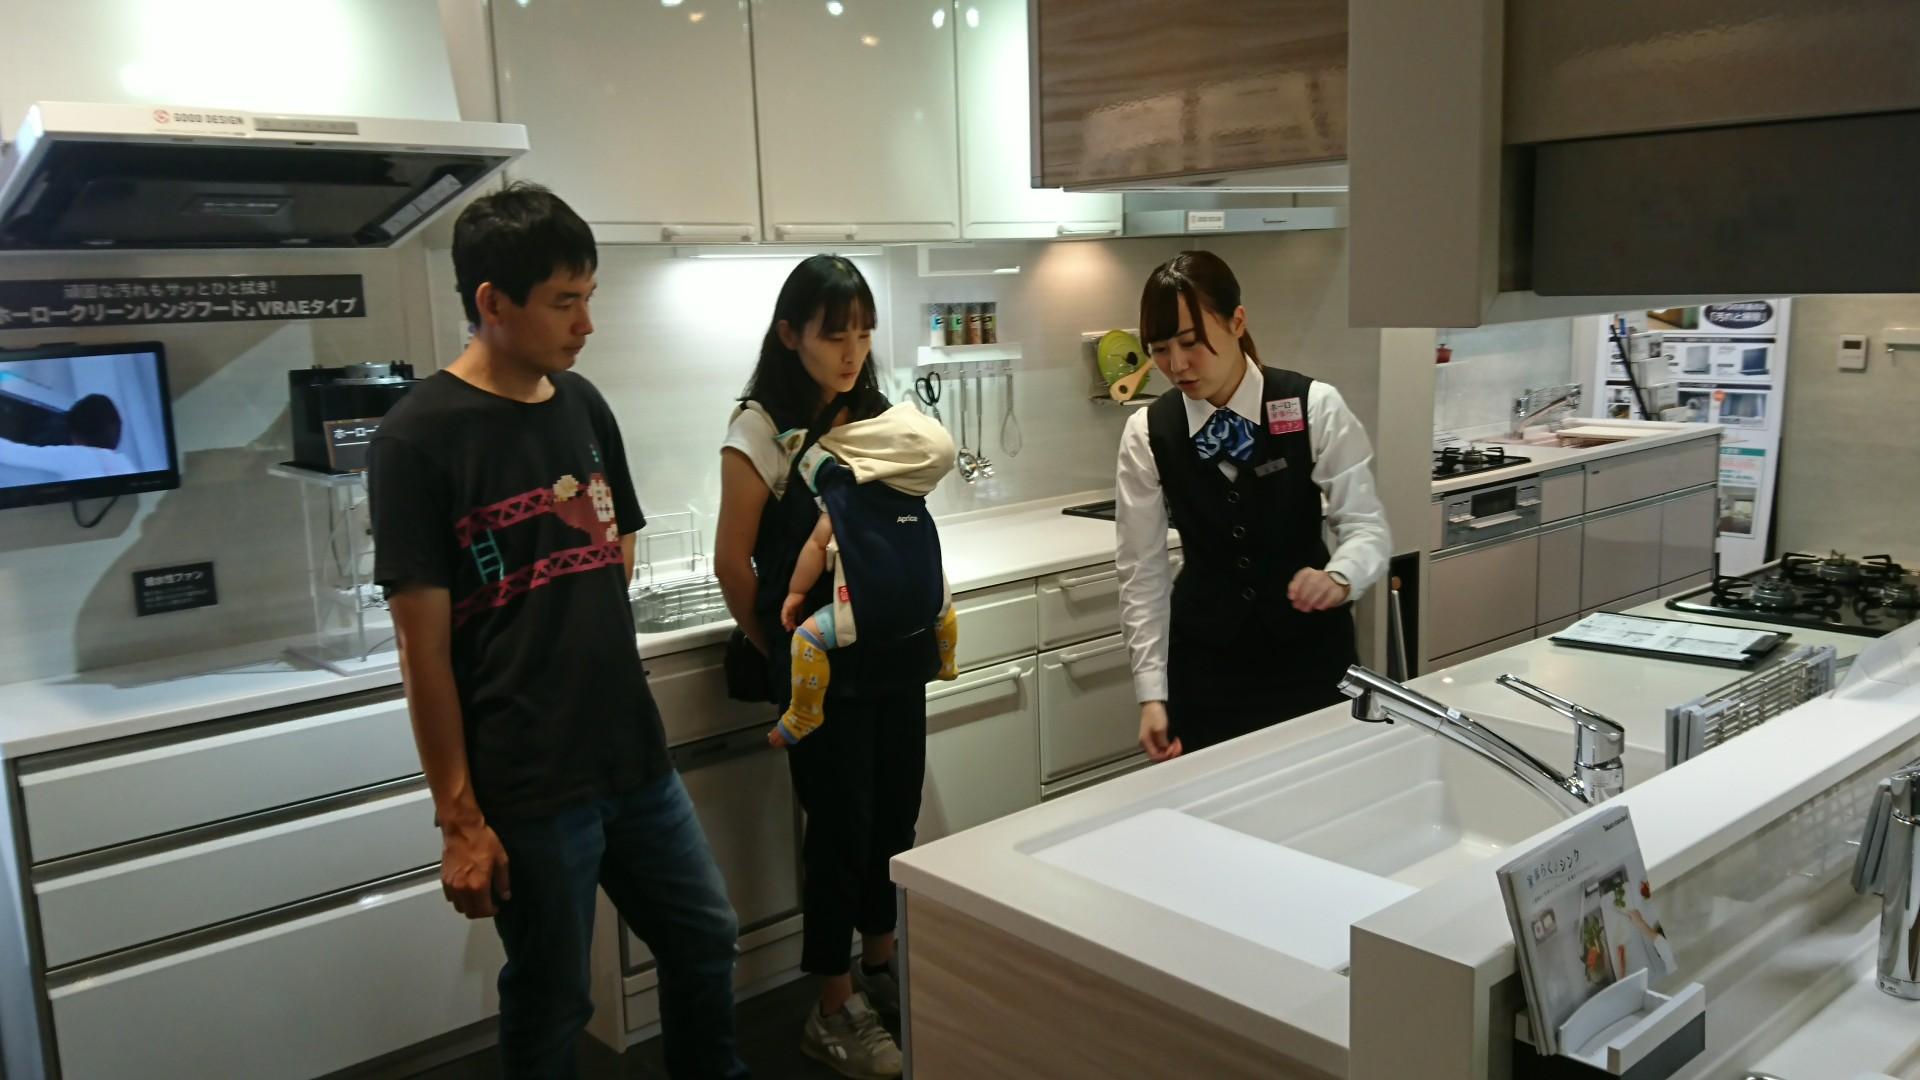 システムキッチン、ユニットバス、洗面化粧台を ひととおりご覧いただきました。